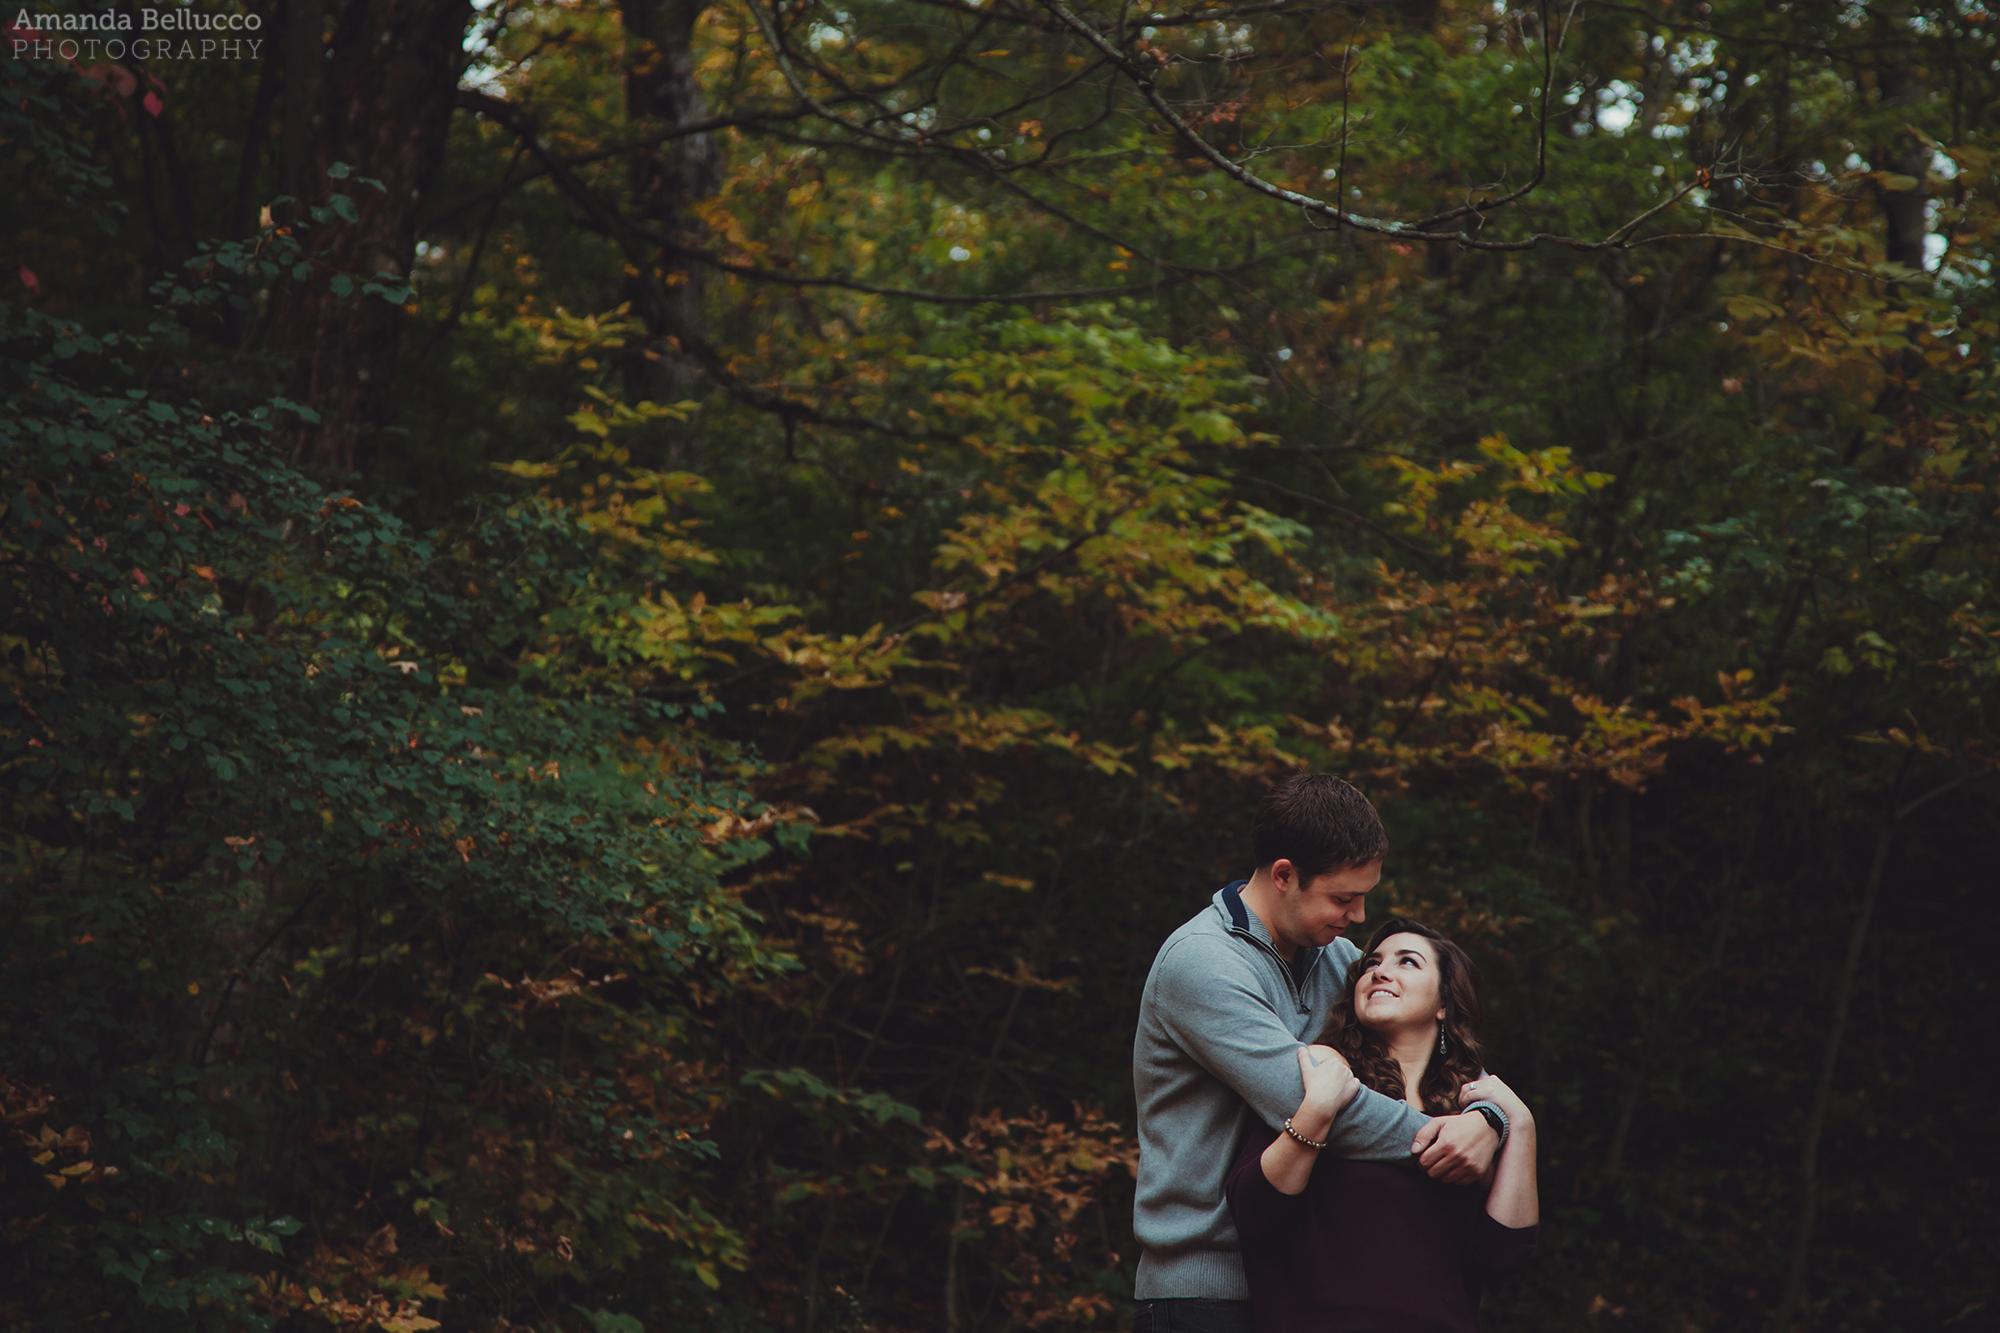 syacuse_engagement_wedding_photographers_15.jpg